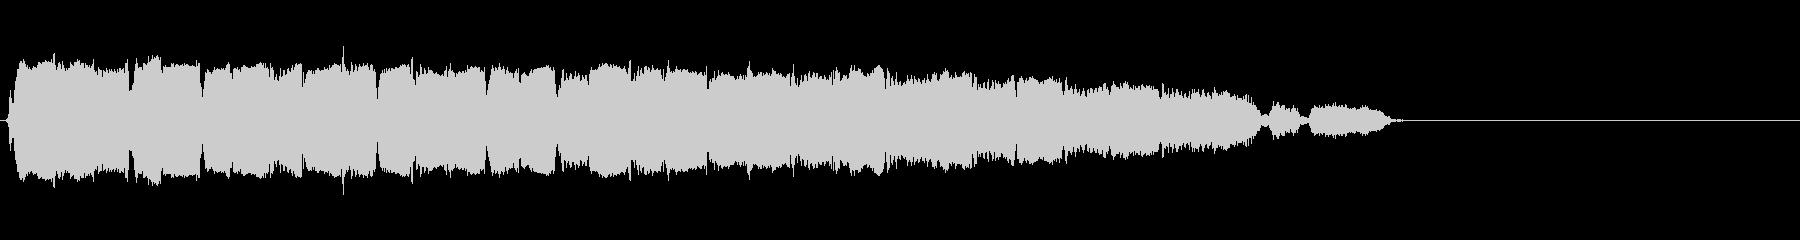 ヴァイオリン:メディウムトリル、デ...の未再生の波形